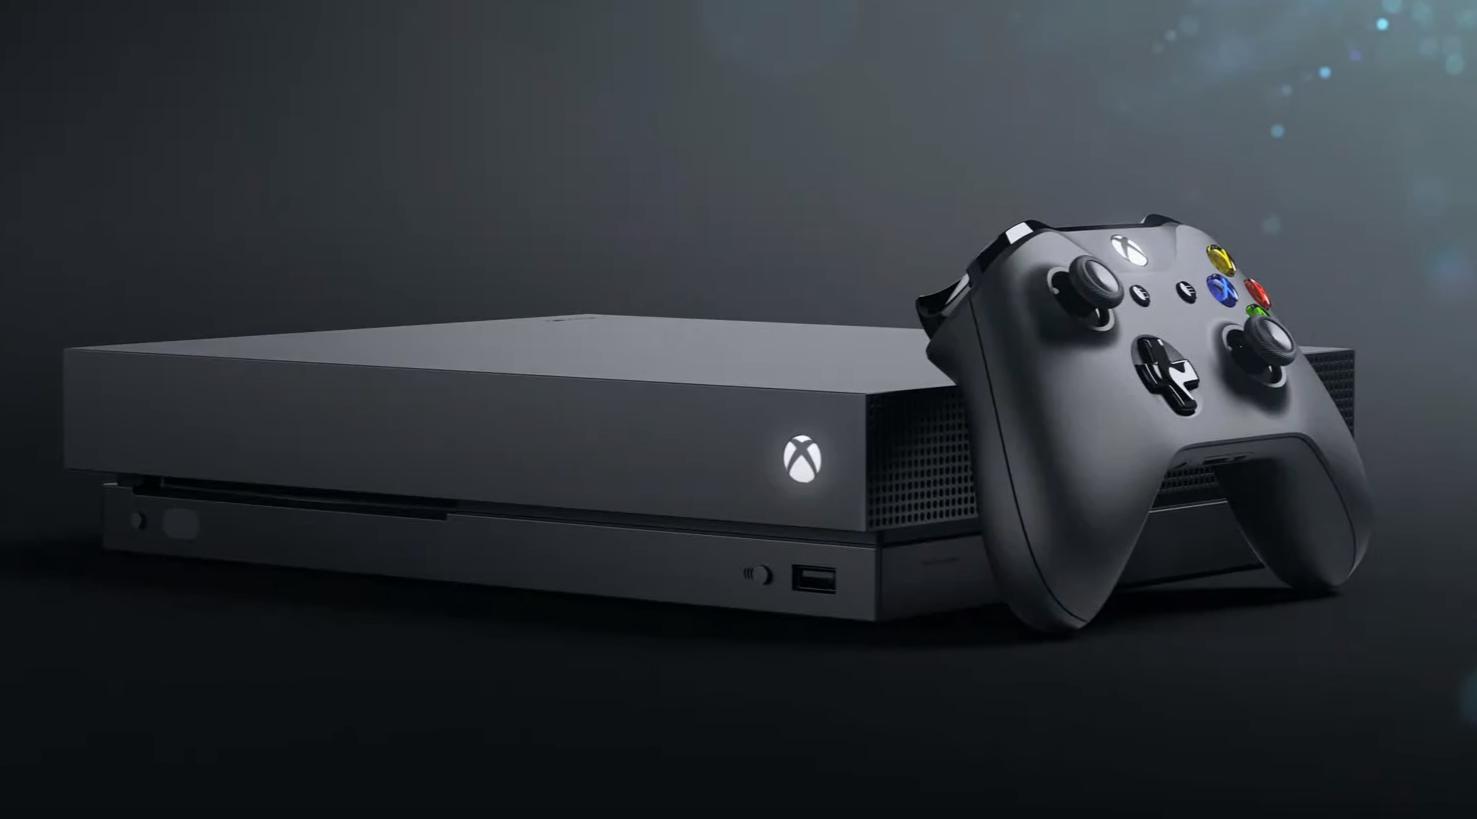 Xbox One X: seis claves que definen a la consola más potente del mercado